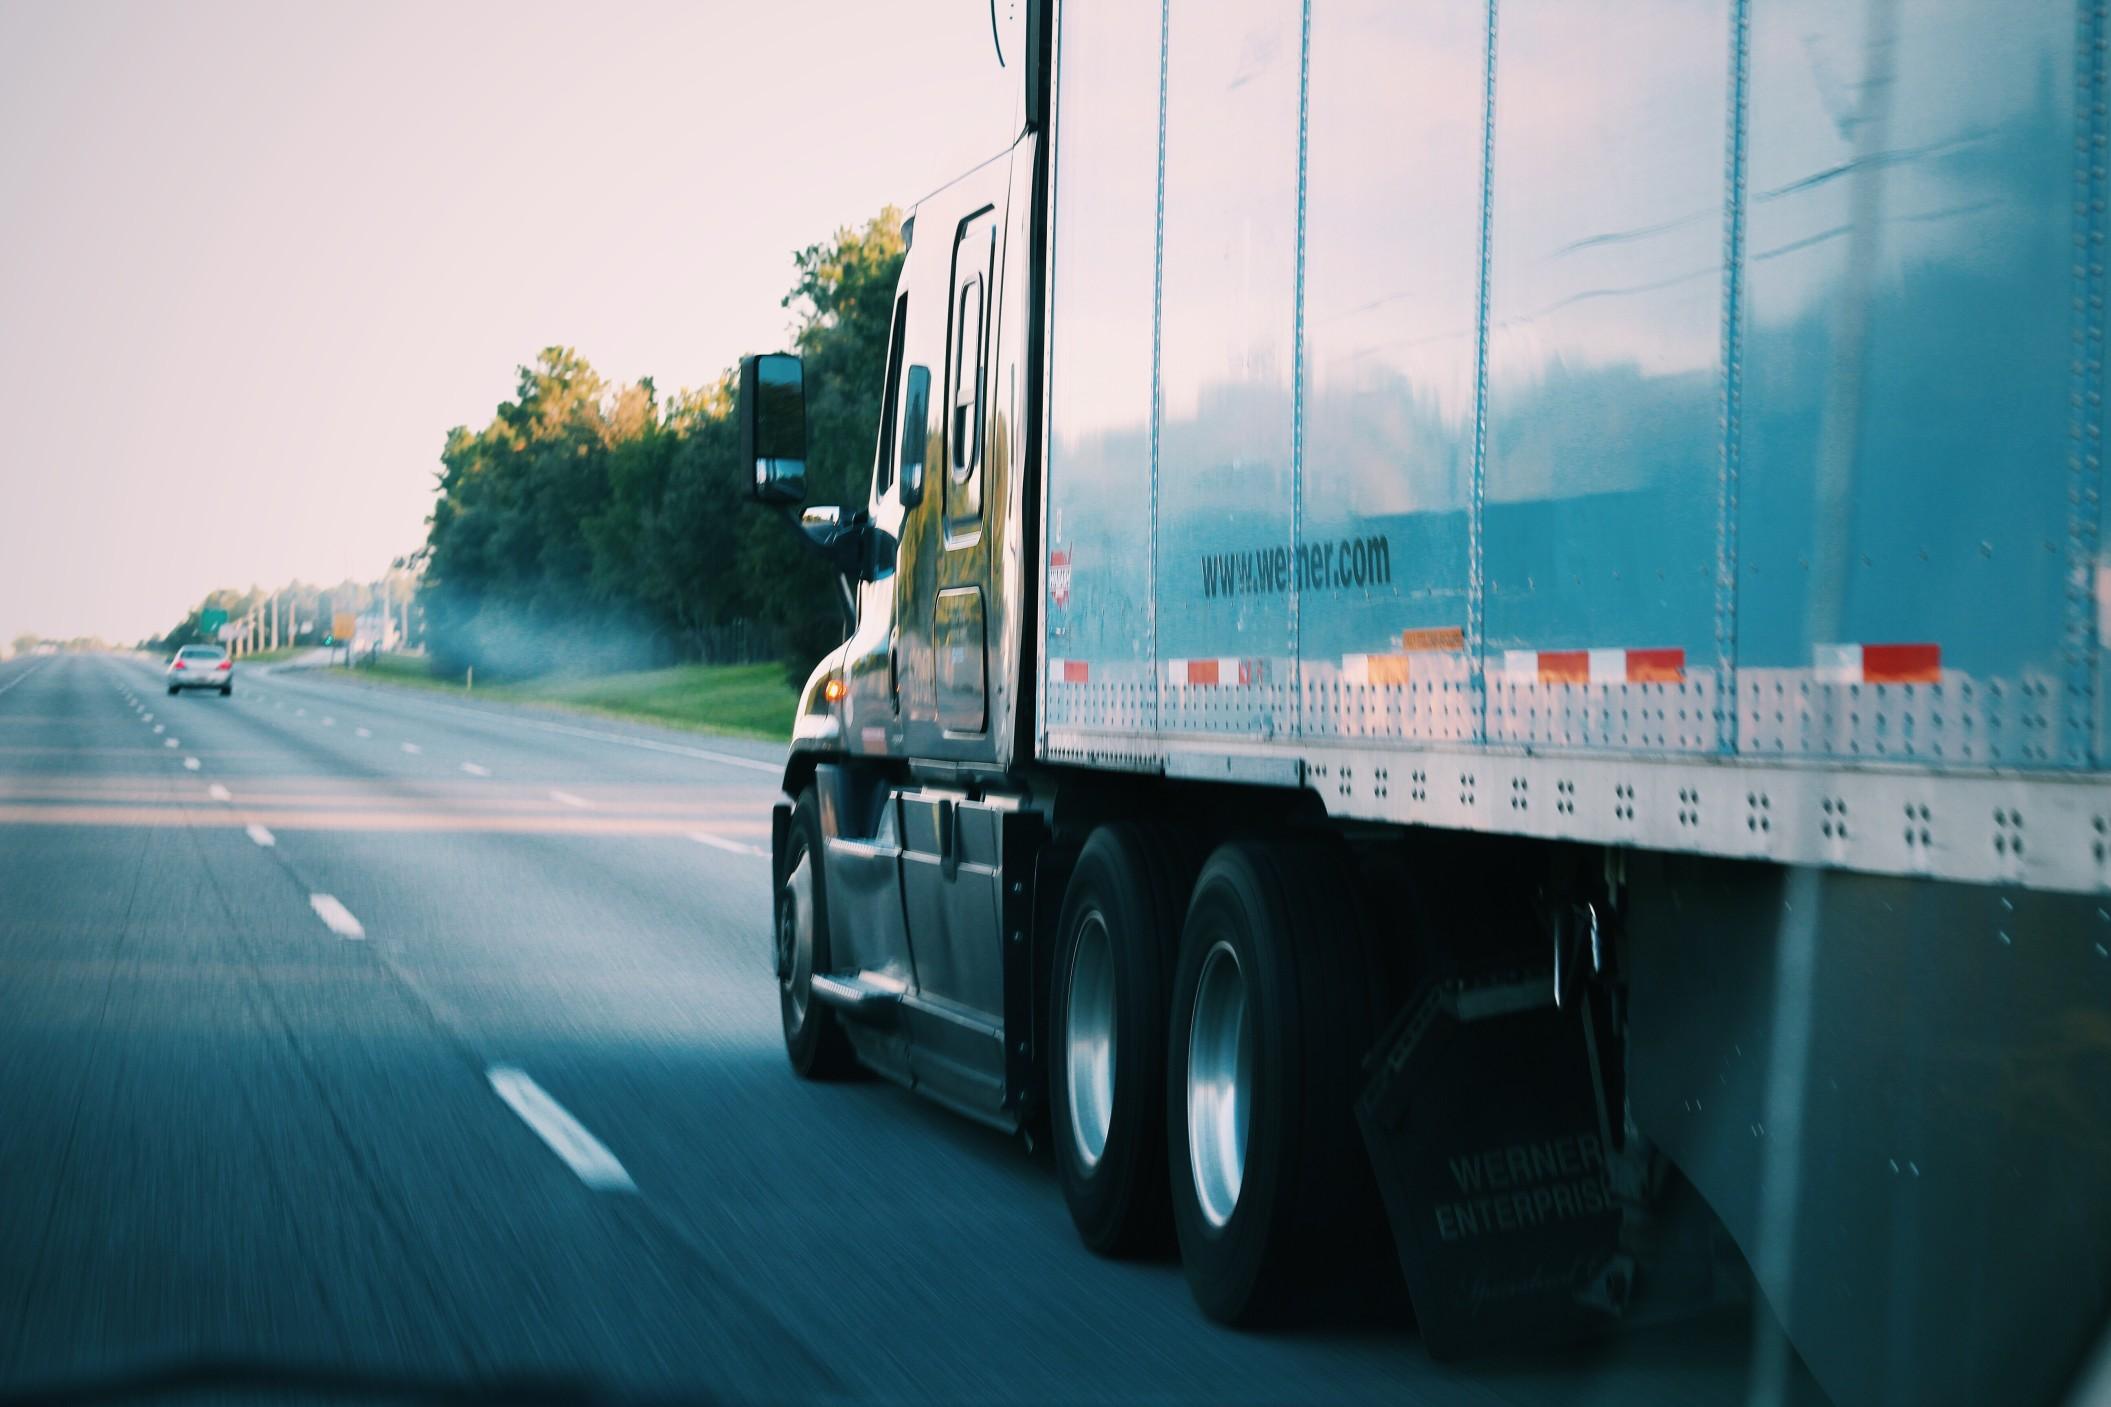 Calendario Blocco Traffico Roma 2021 Blocco traffico mezzi pesanti e camion: il calendario 2021 dei